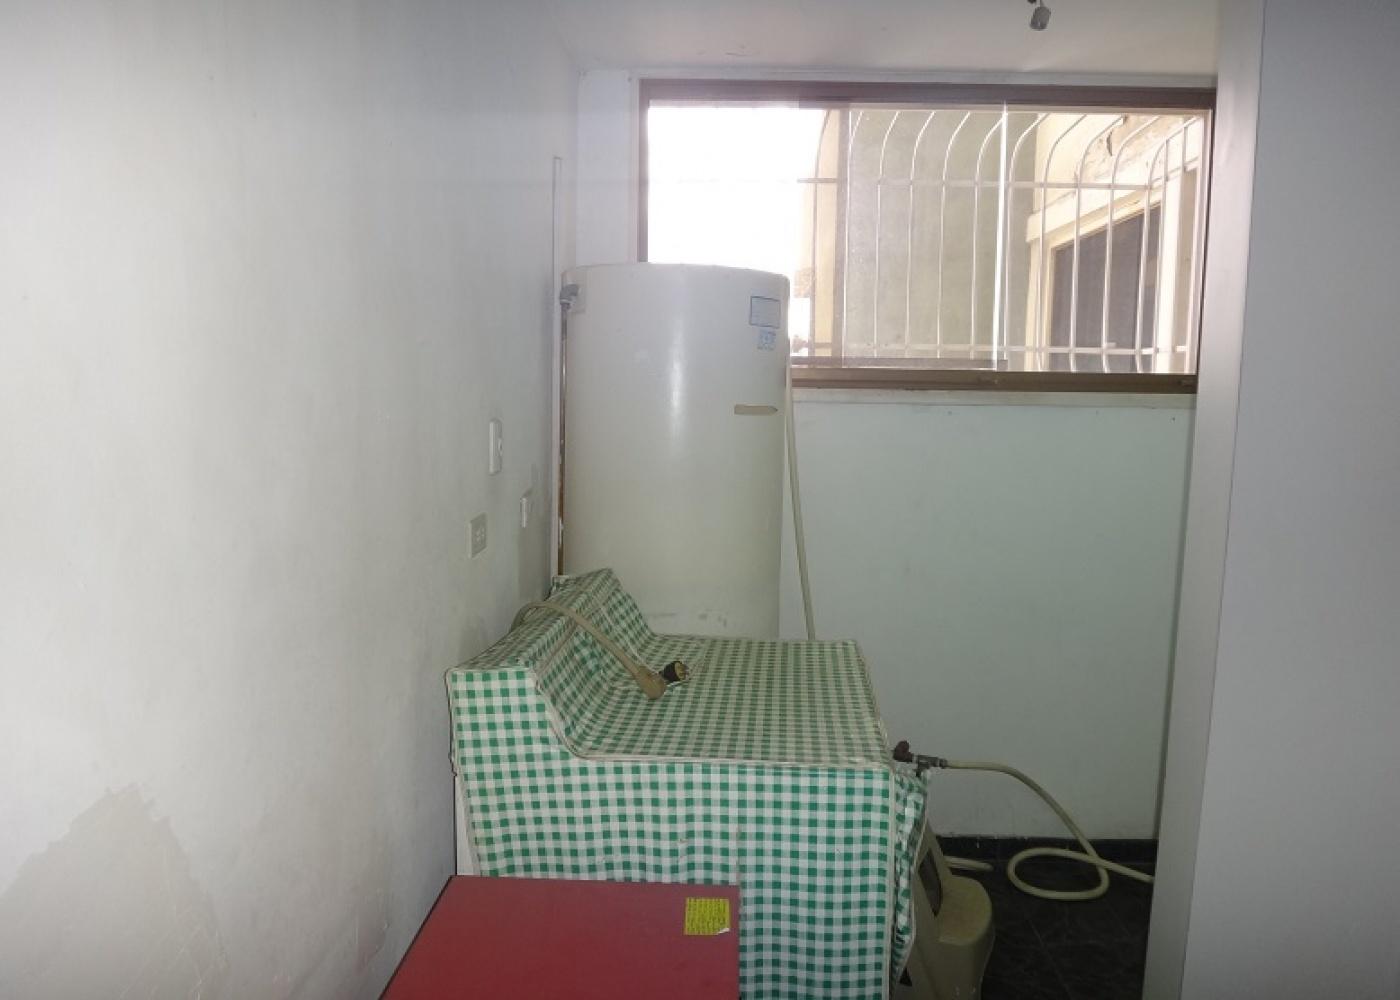 Colegio Americano,Caracas,Gran Caracas,3 Bedrooms Bedrooms,2 BathroomsBathrooms,Apartamento,El Naranjal torre D,Colegio Americano,1012